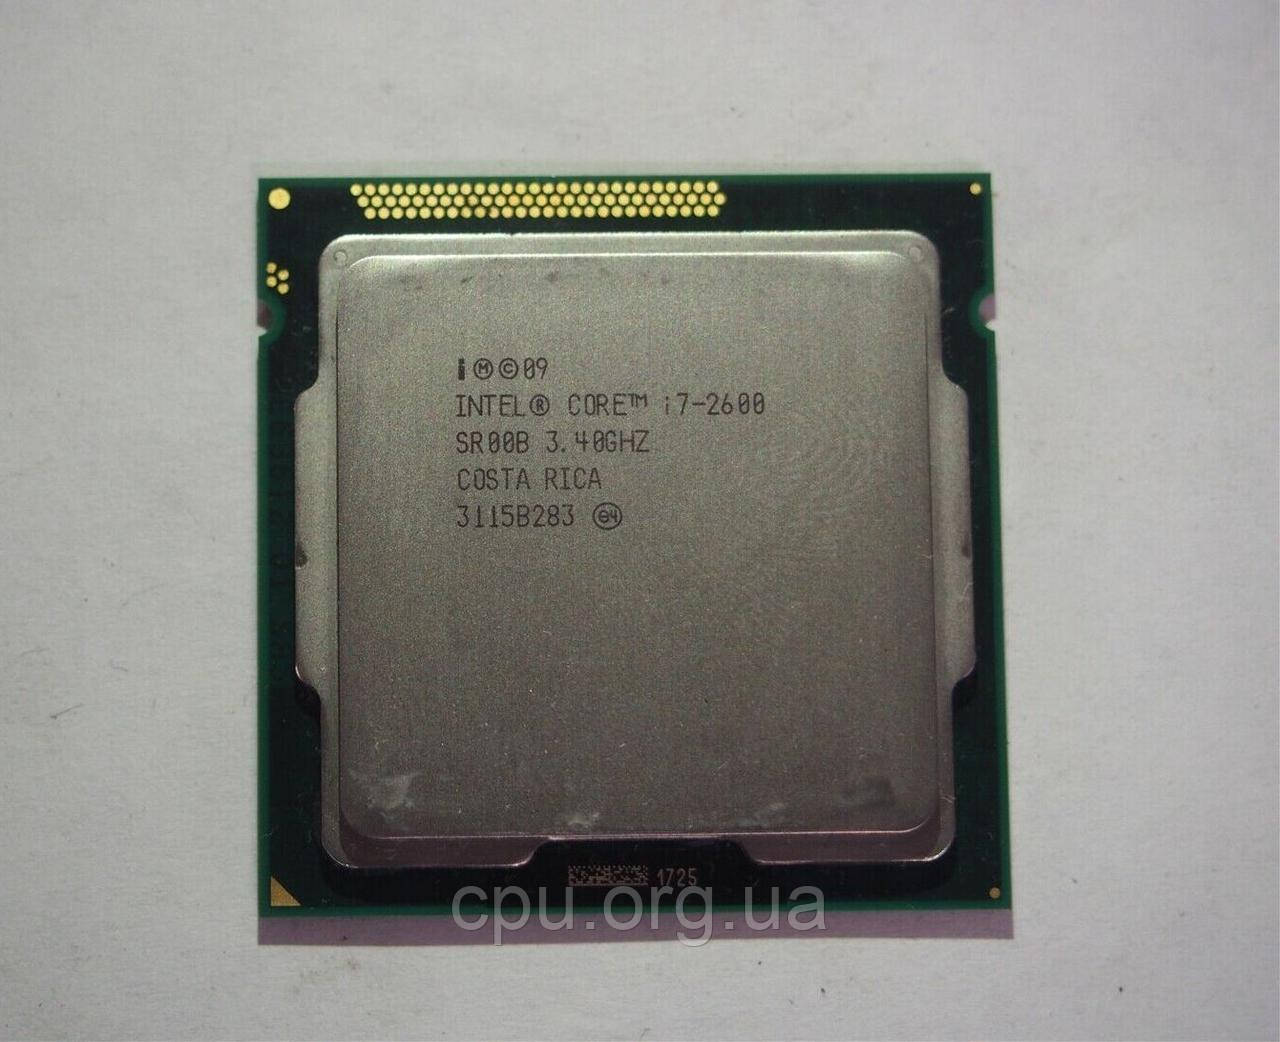 Процессор Intel Core i7-2600 LGA1155 (SR00B) 4 ядра 8 потоков 3.40-3.80Ghz / 8M / 5GT/s IvyBridge